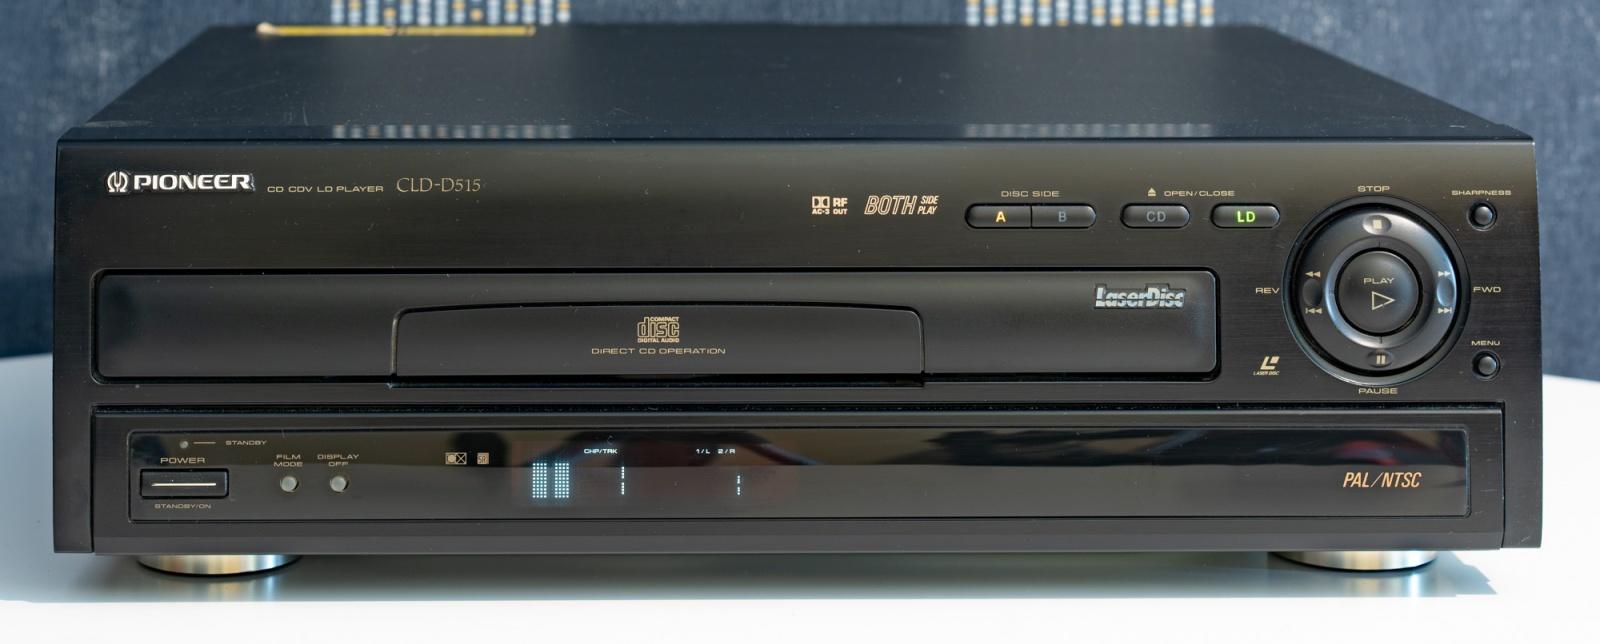 Лазерные видеодиски, ретрокино и автореверс - 6